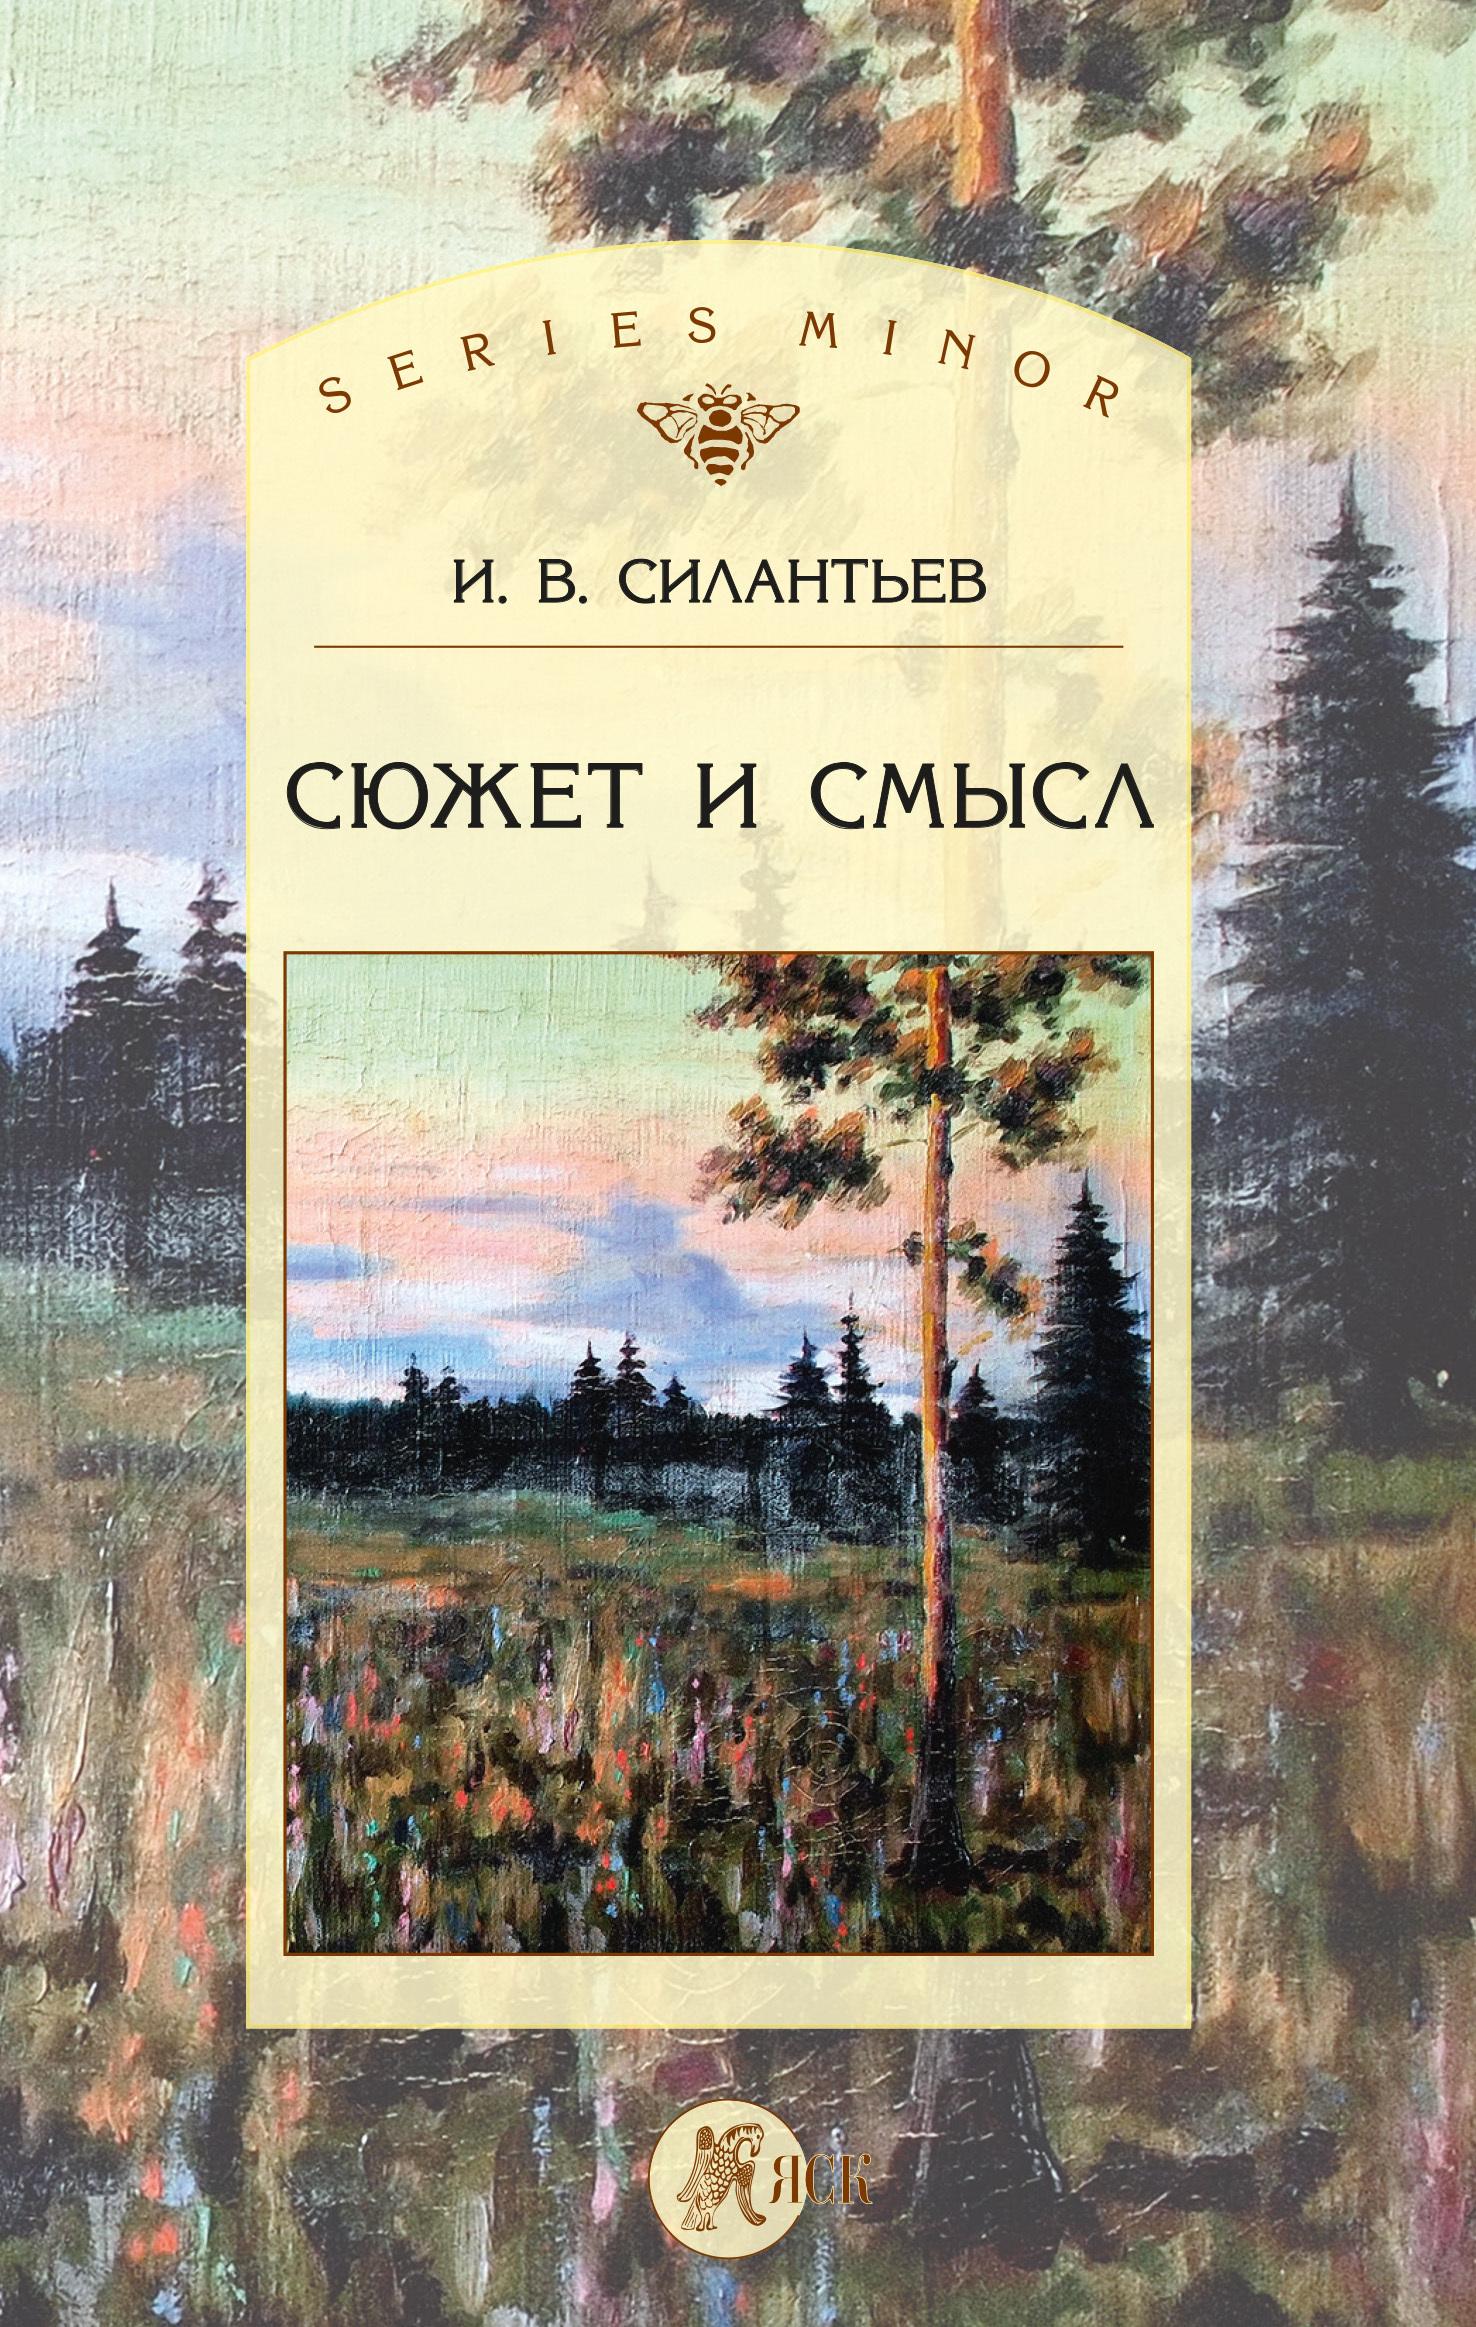 Обложка книги Сюжет и смысл, автор Игорь Силантьев